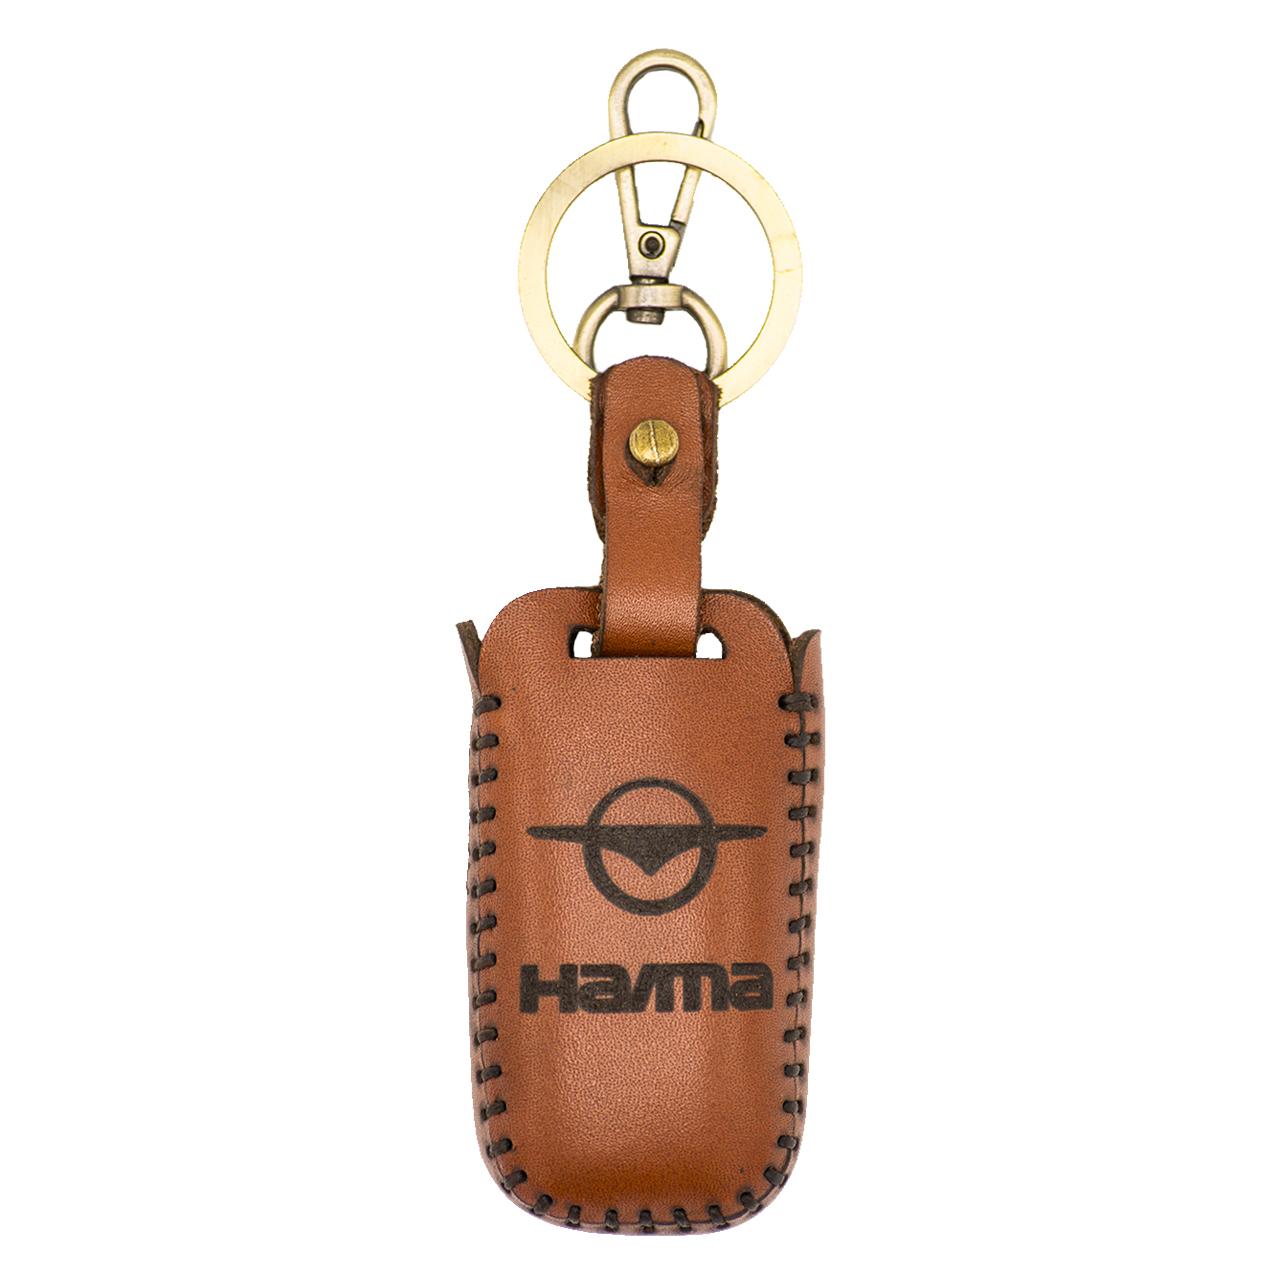 جاسوئیچی خودرو چرم طبیعی کد ct-203 مناسب برای هایما S7 (عرضه کالا)